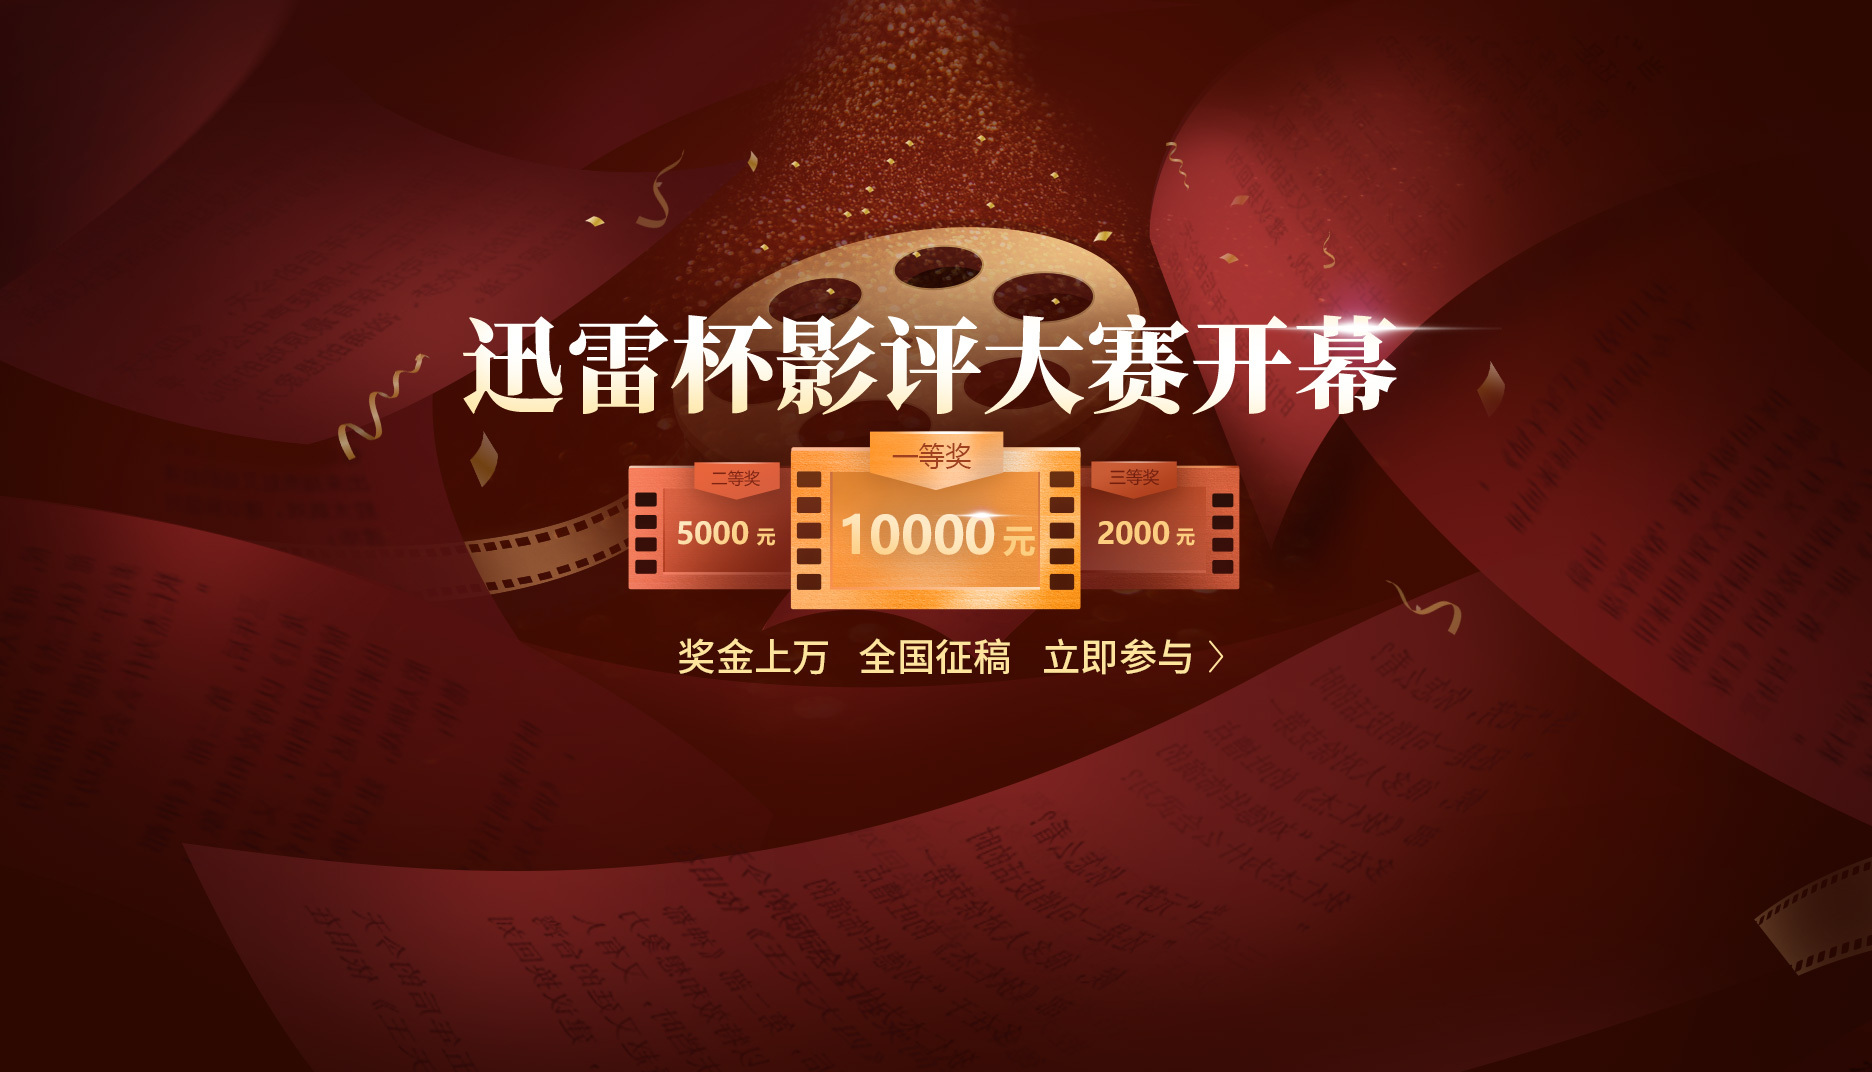 迅雷集团首次主办全国大学生影评大赛,10万元奖金等你们来拿!